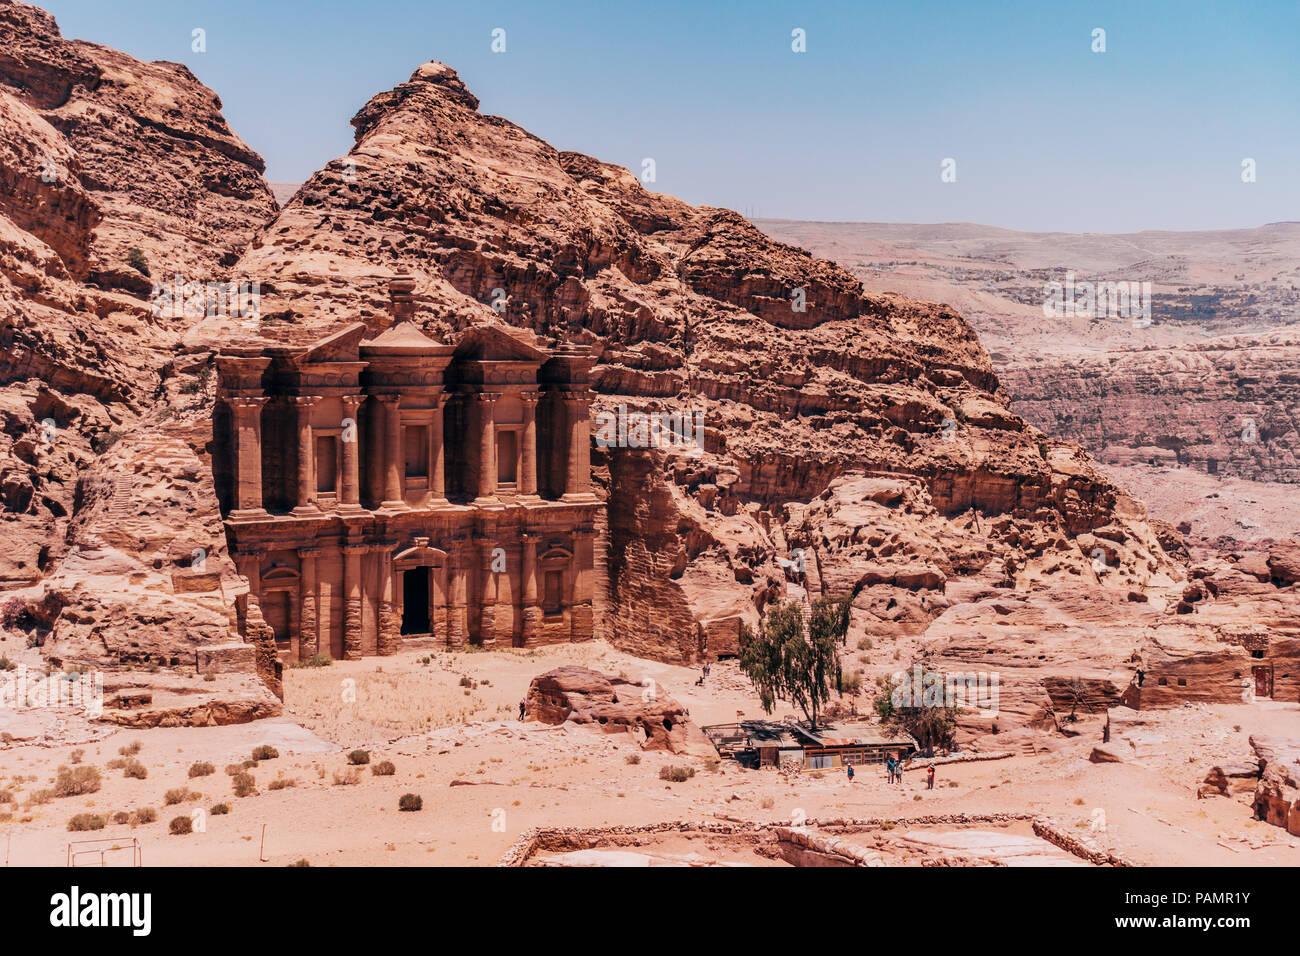 Guardando verso il basso presso il monastero Ad-Deir scavate nel fianco di strati di roccia la città perduta di Petra, Giordania Immagini Stock